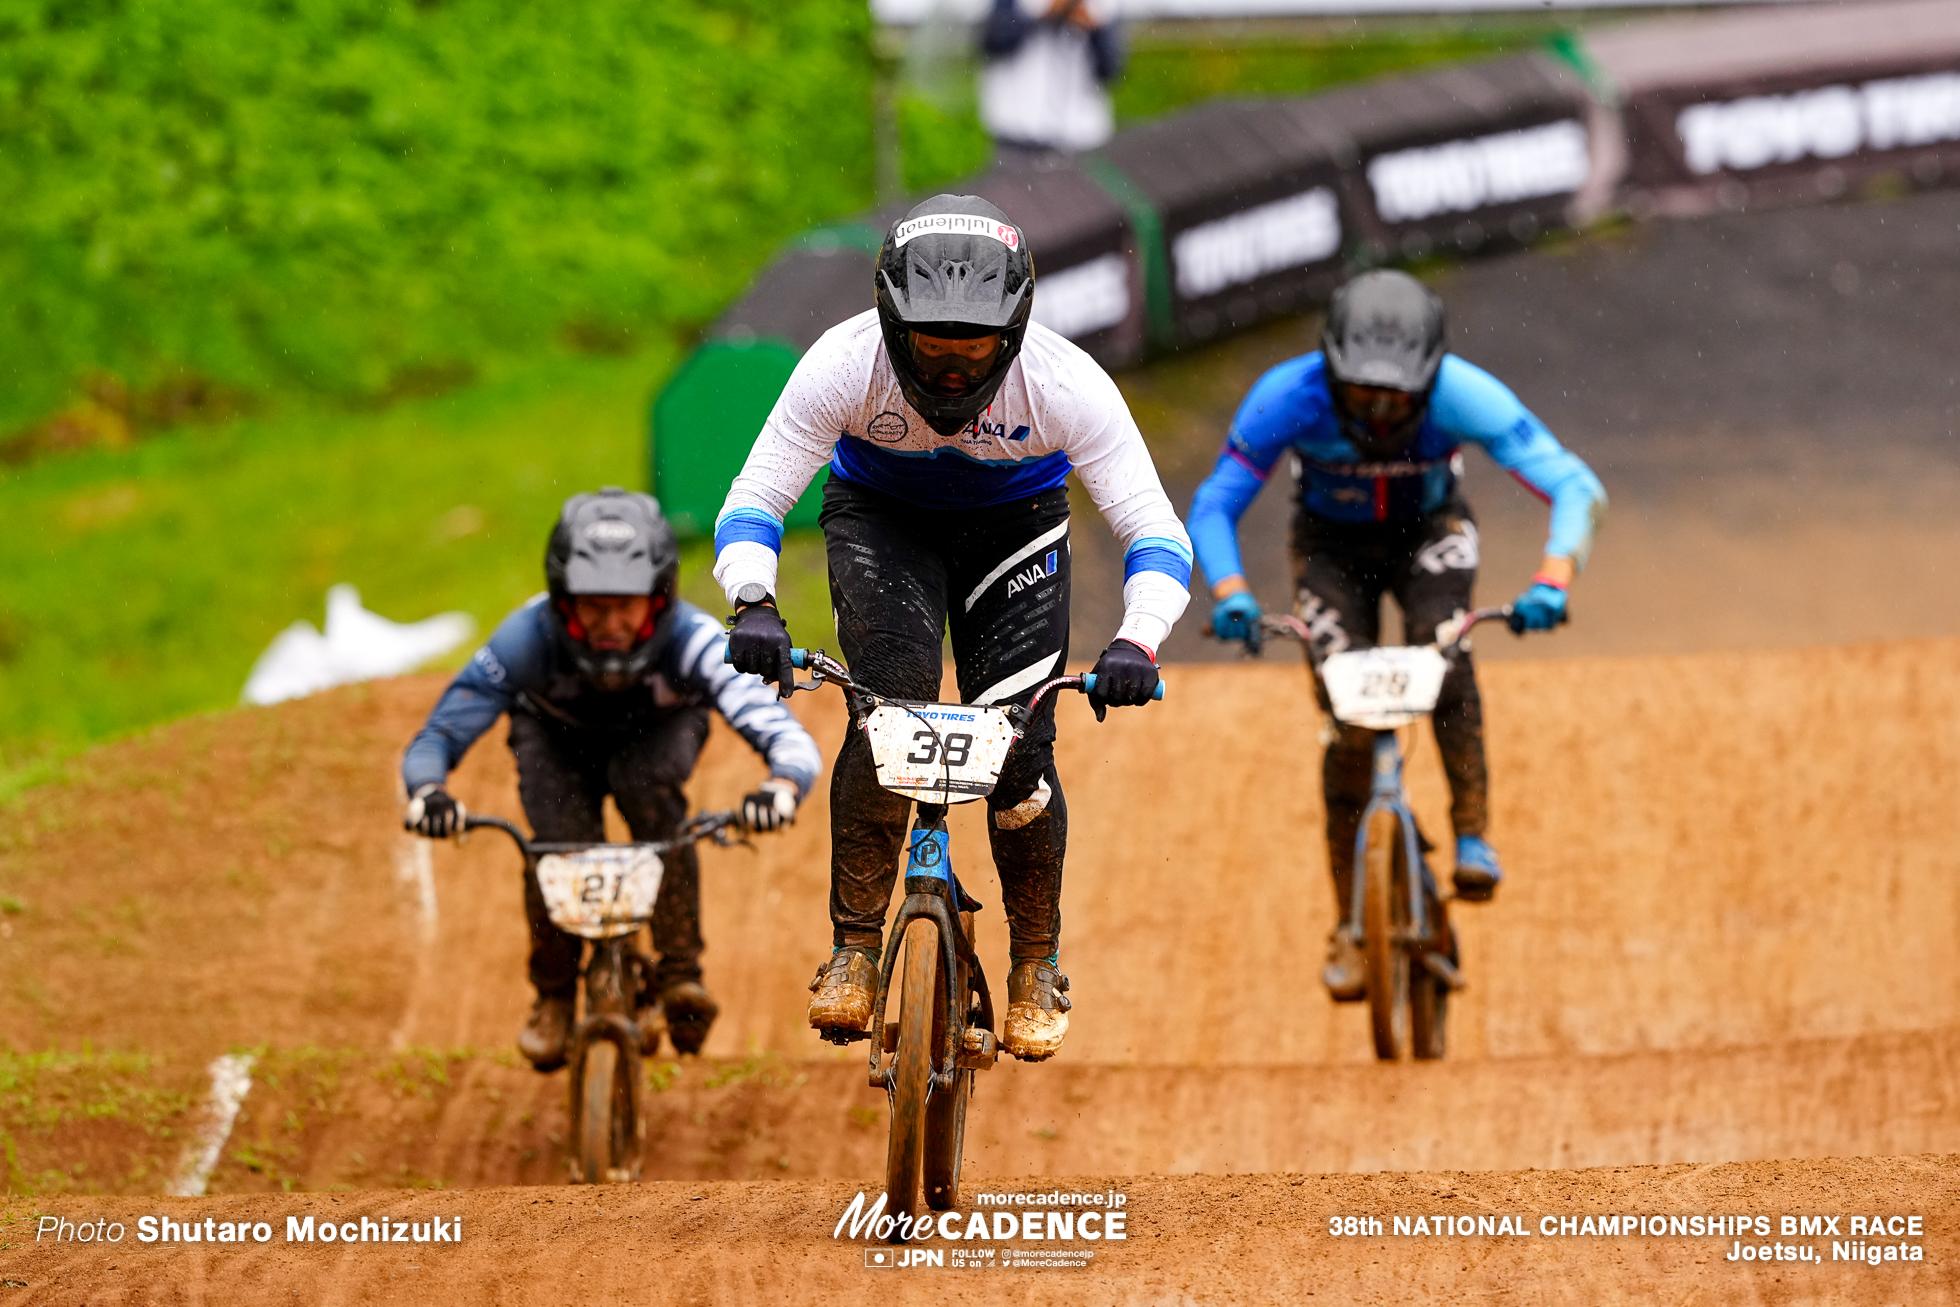 2021第38回自転車競技全日本選手権BMXレース